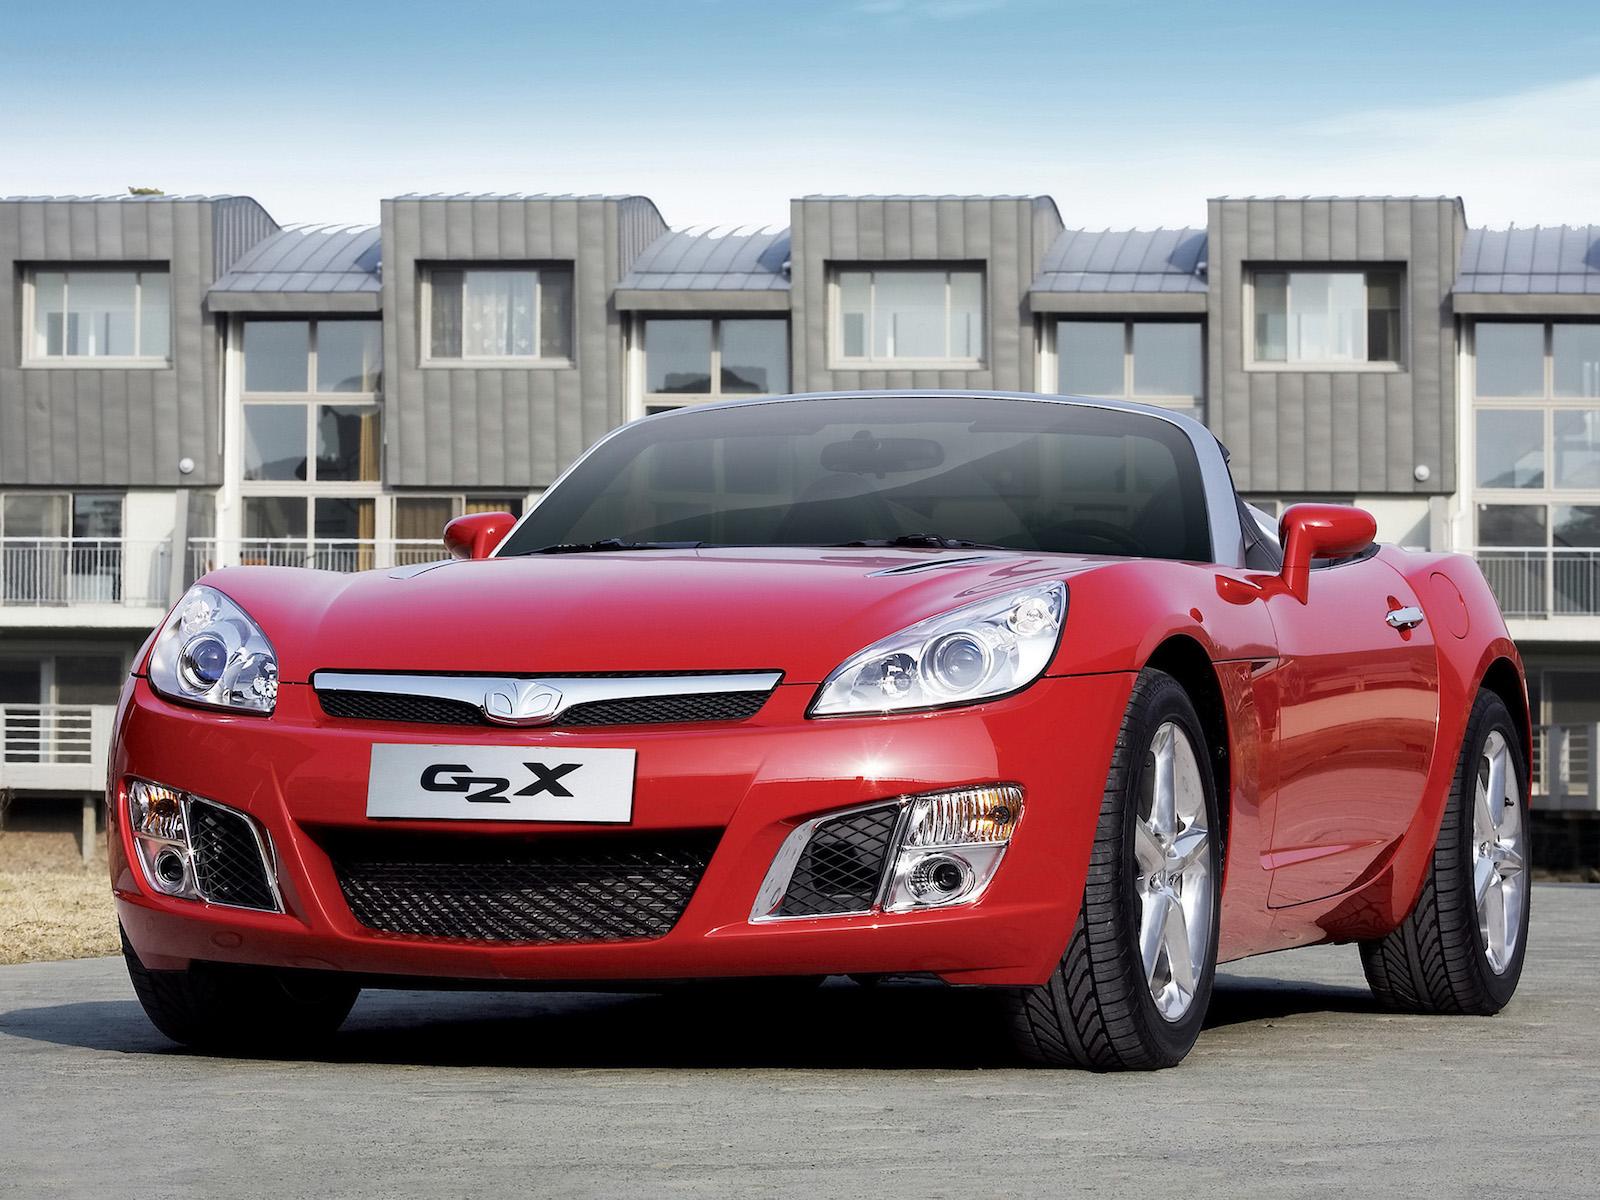 2007 GM Daewoo G2X